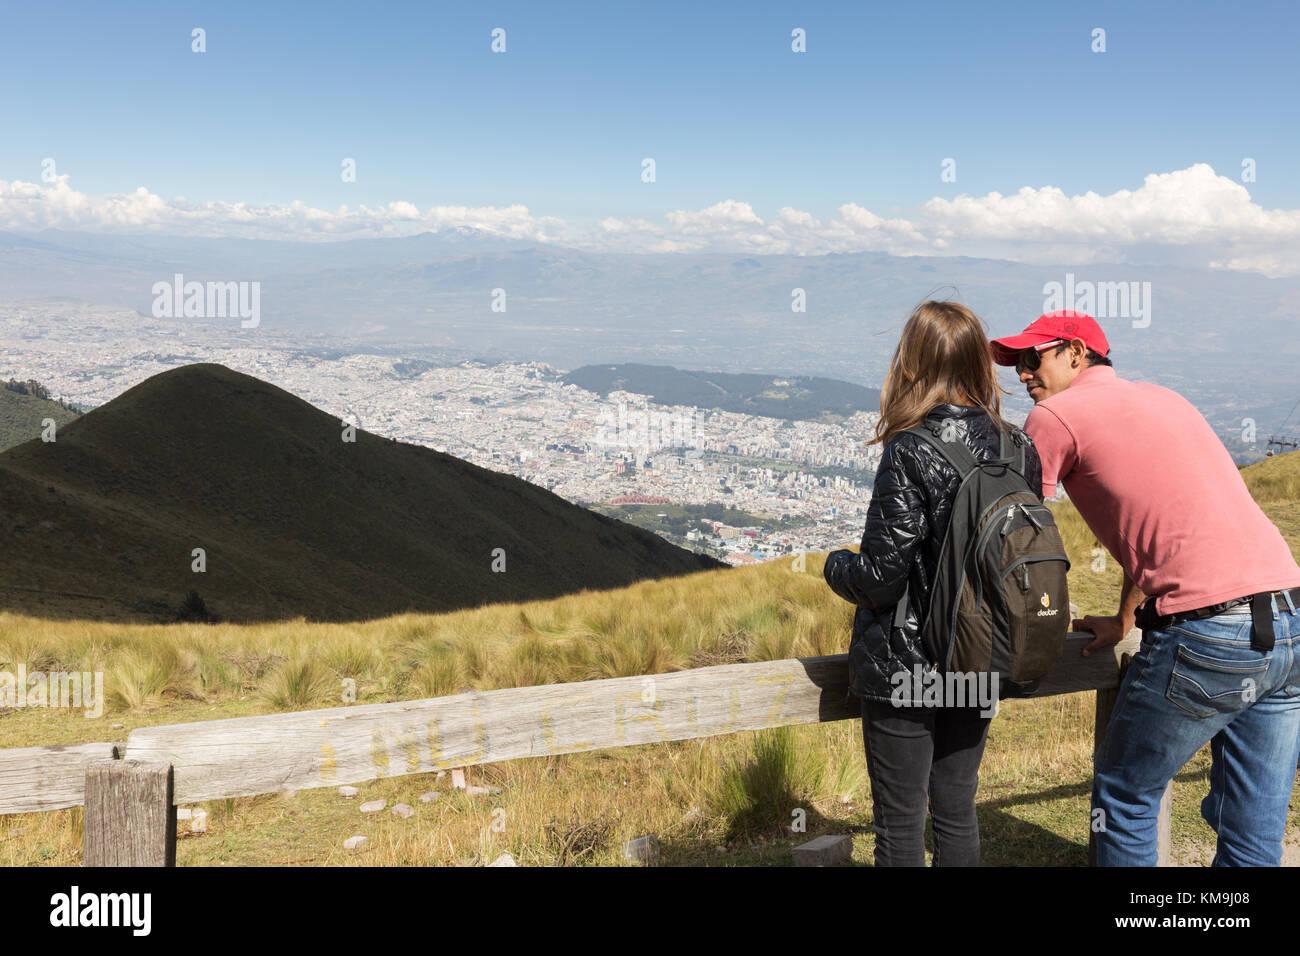 Ecuador - vacanza, una giovane coppia nella parte superiore del cavo Teleferiqo auto, affacciato su Quito, Ecuador Immagini Stock